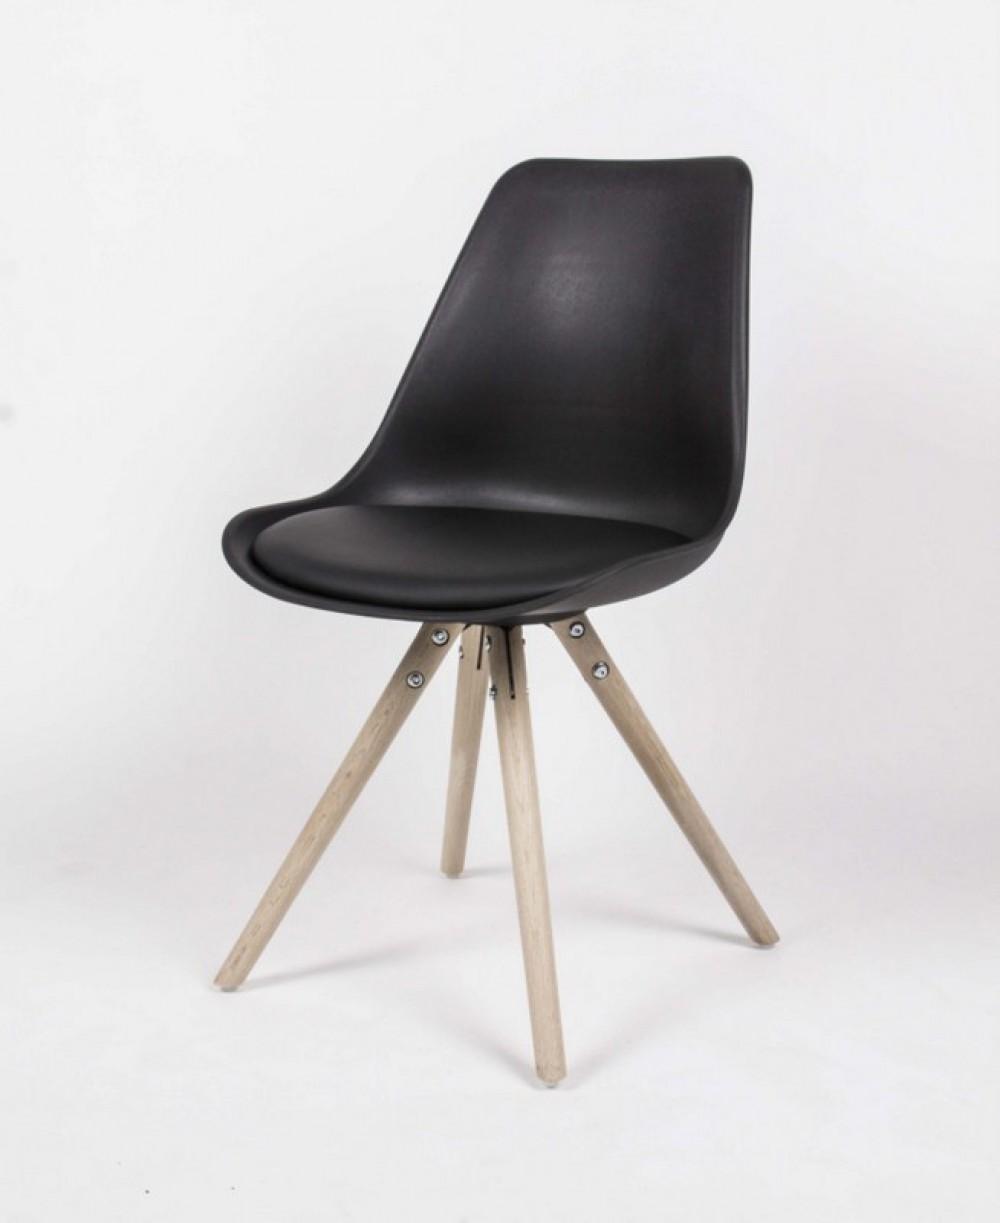 Stuhl gepolstert gestell aus massivholz stuhl farbe schwarz for Stuhl gepolstert